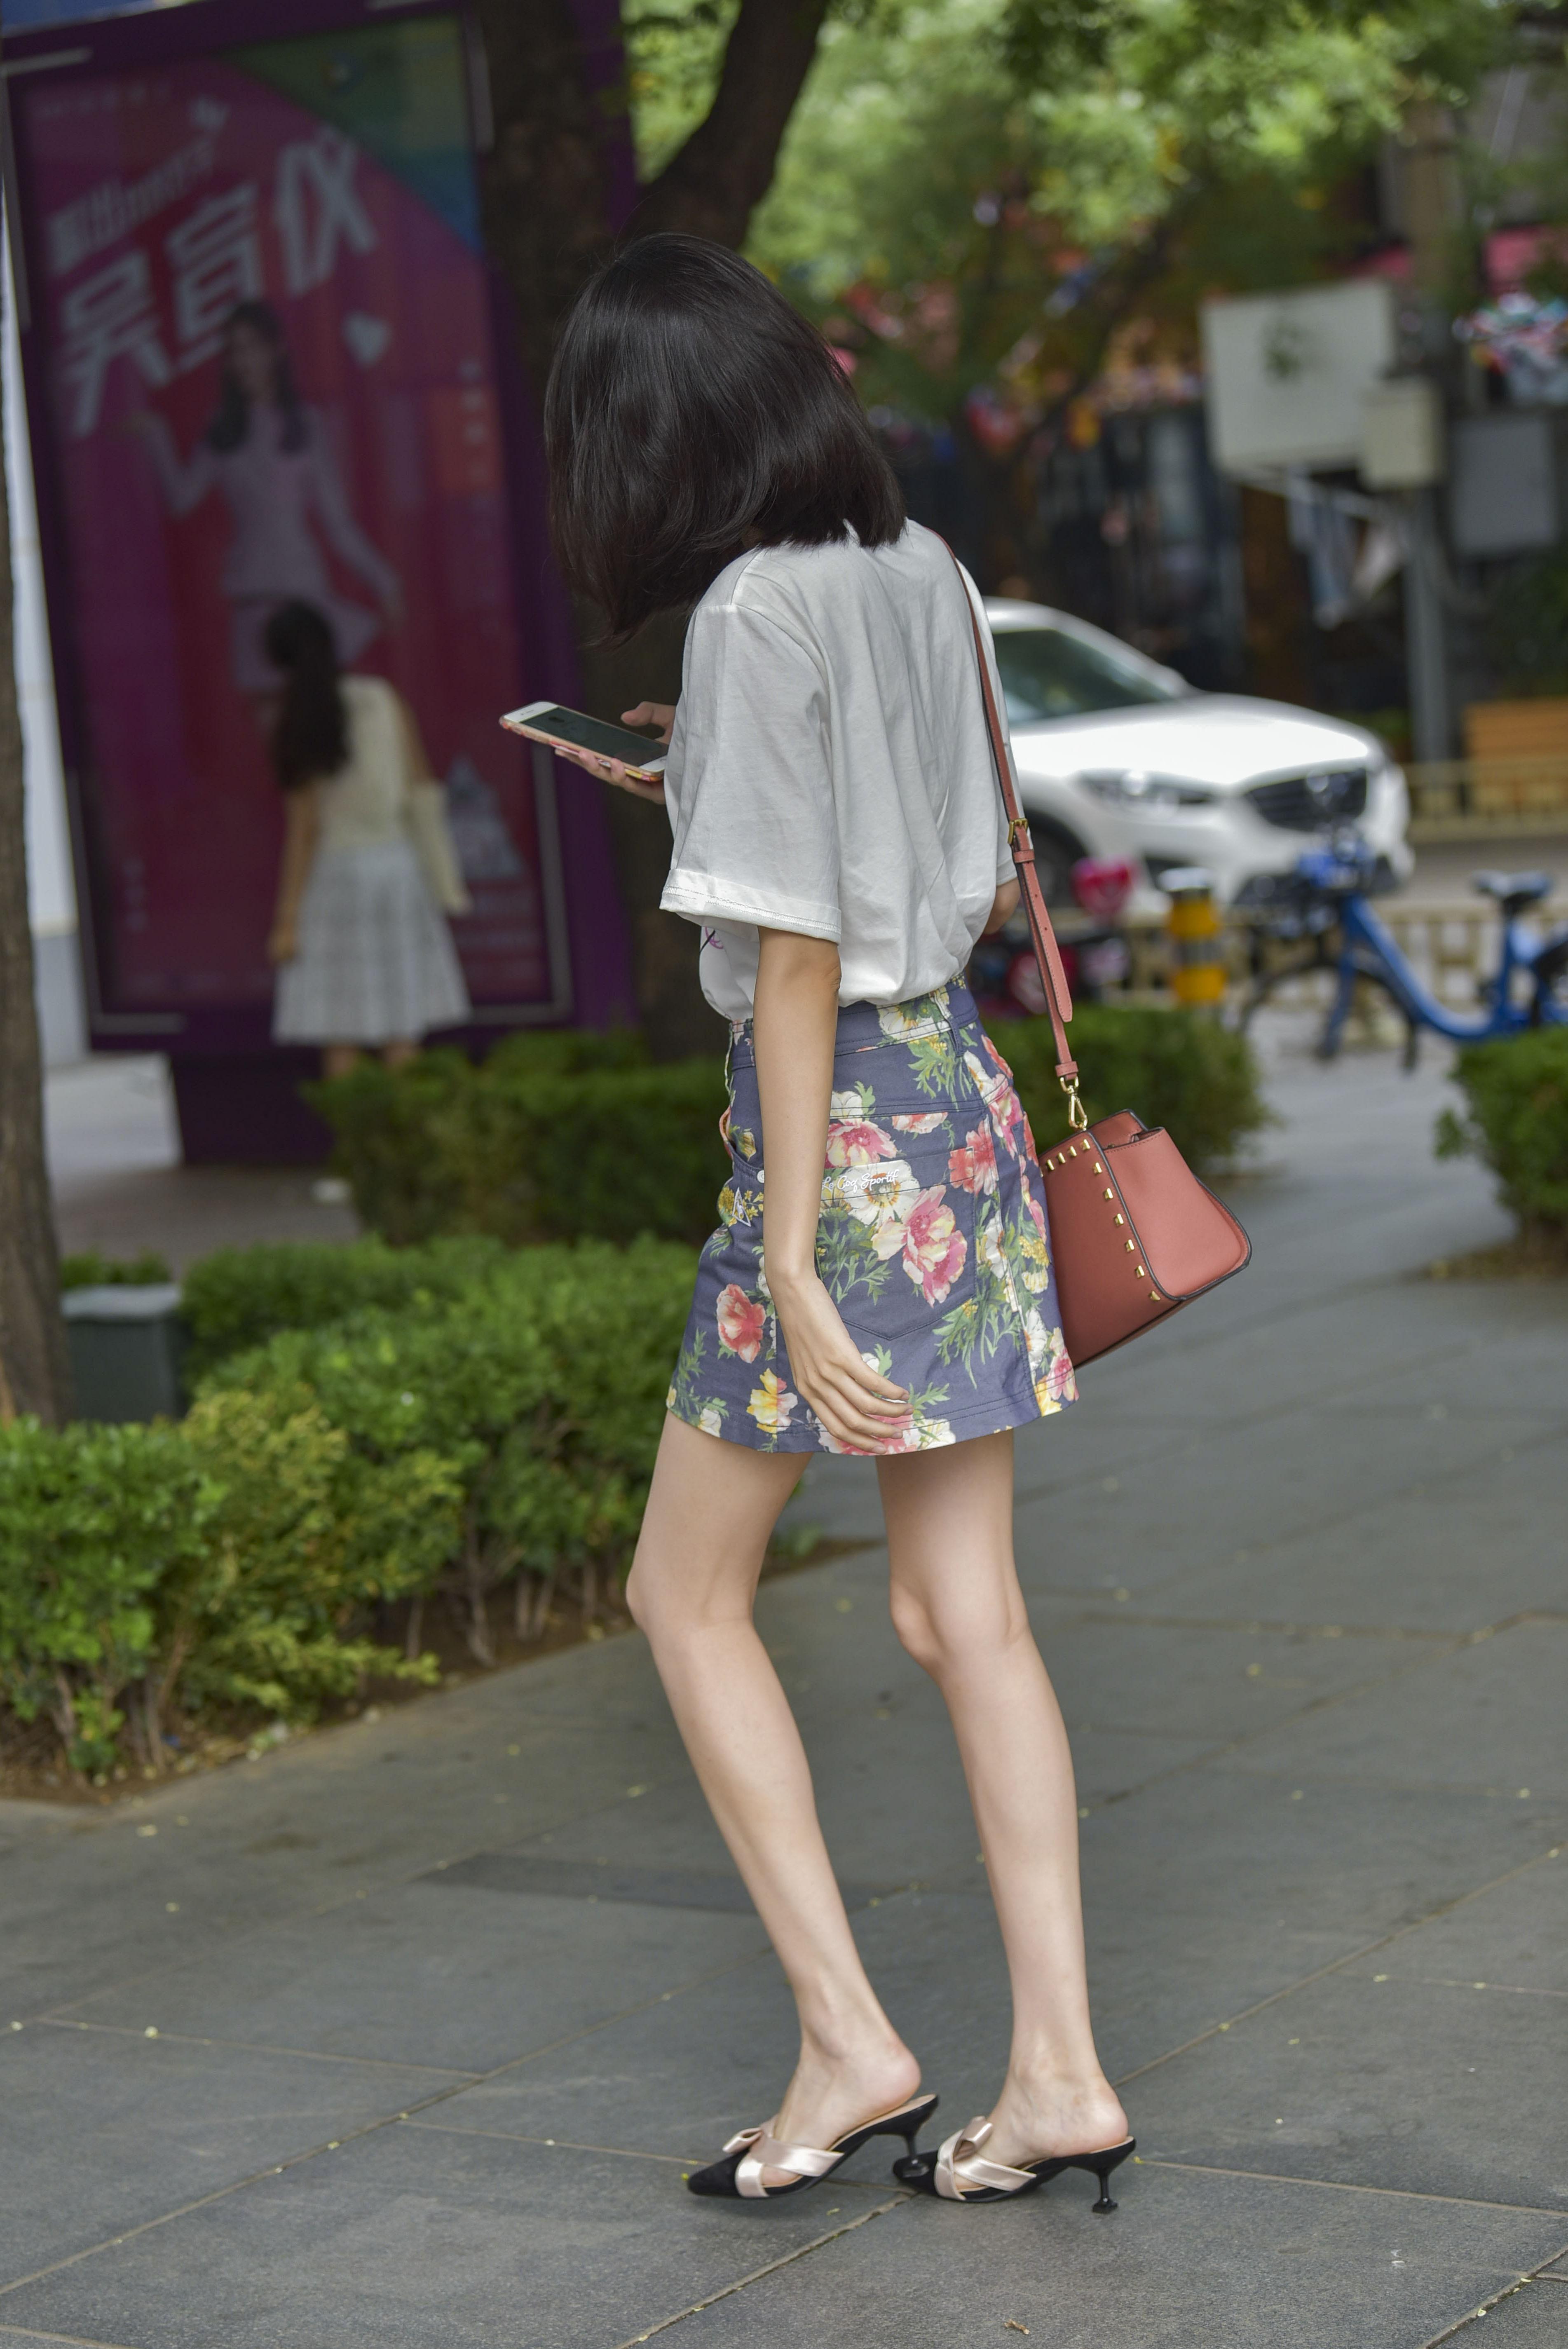 美女高跟鞋晾脚_街拍联盟:性感短裙骨感长腿美女,高跟鞋看起来特别舒服 _姐姐